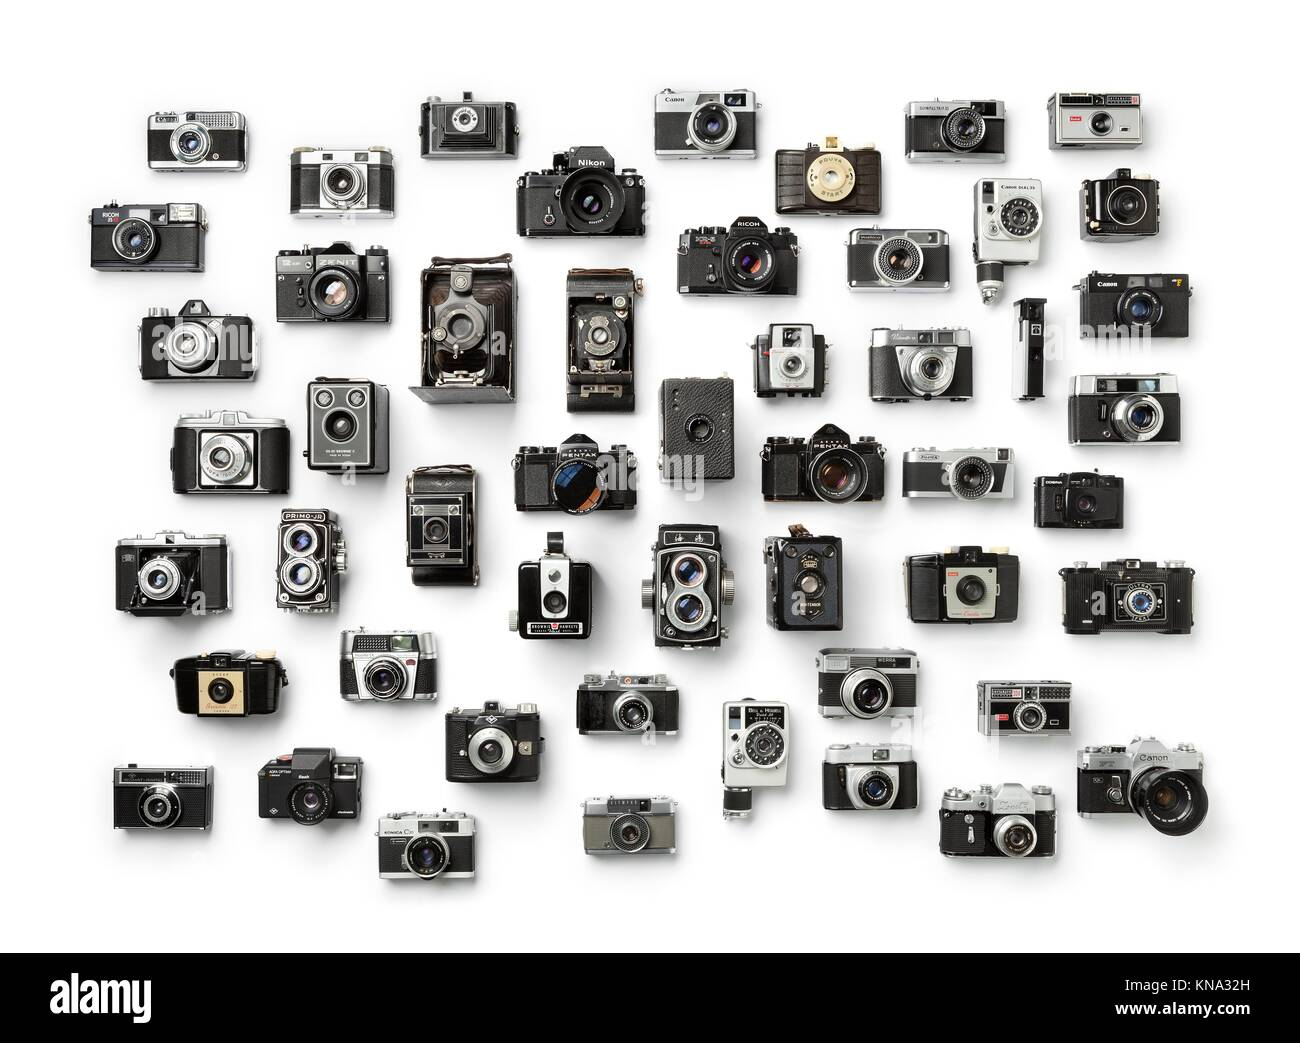 Sammlung von alten analogen verschiedene Kameras auf weißem Hintergrund. Stockfoto